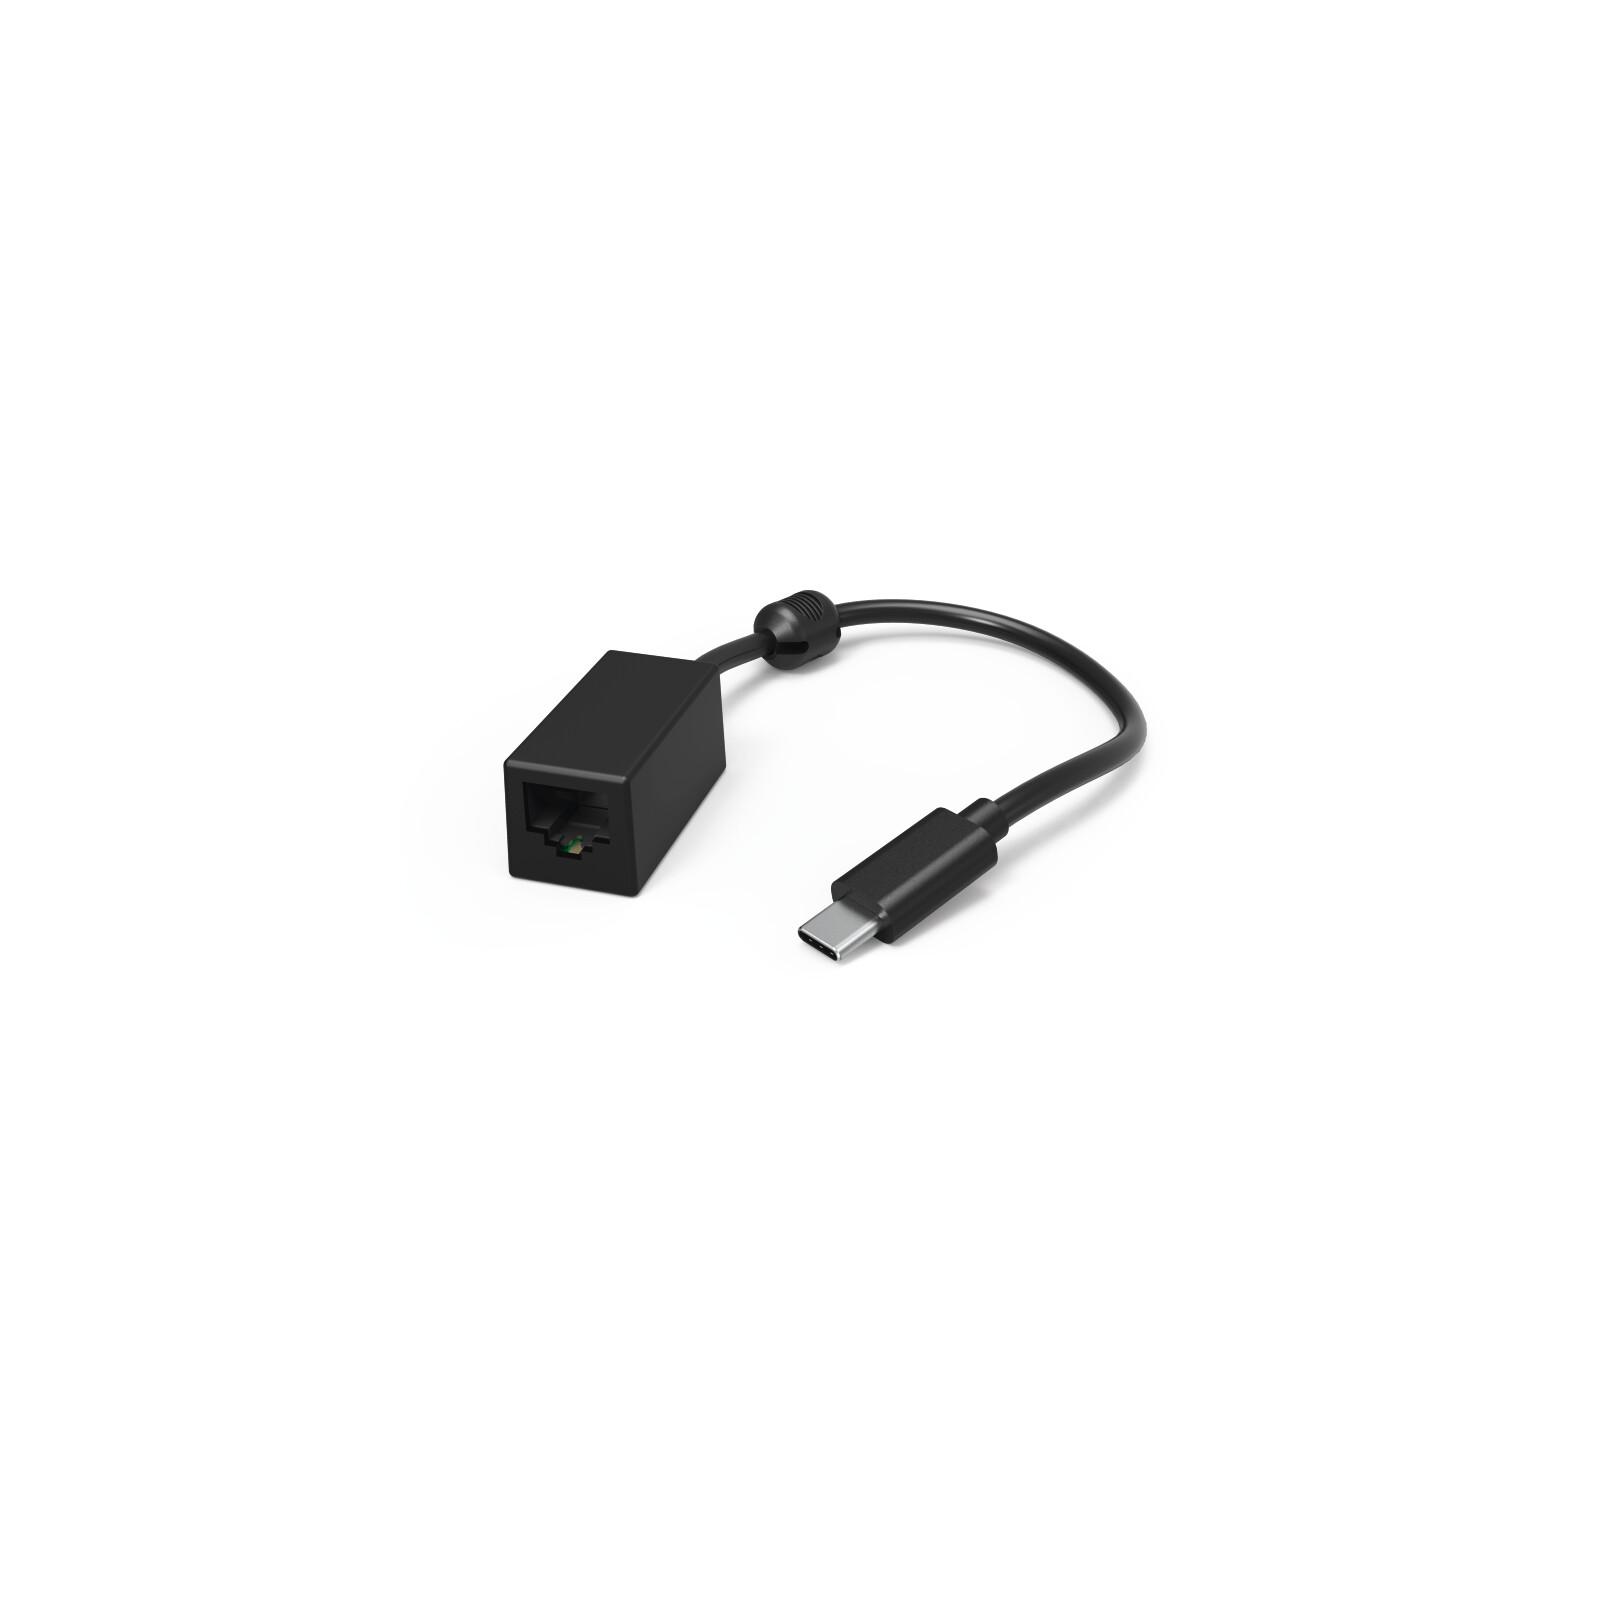 Hama 177104 USB-C-Gigabit-Ethernet-Adapter 10/100/1000 Mbps